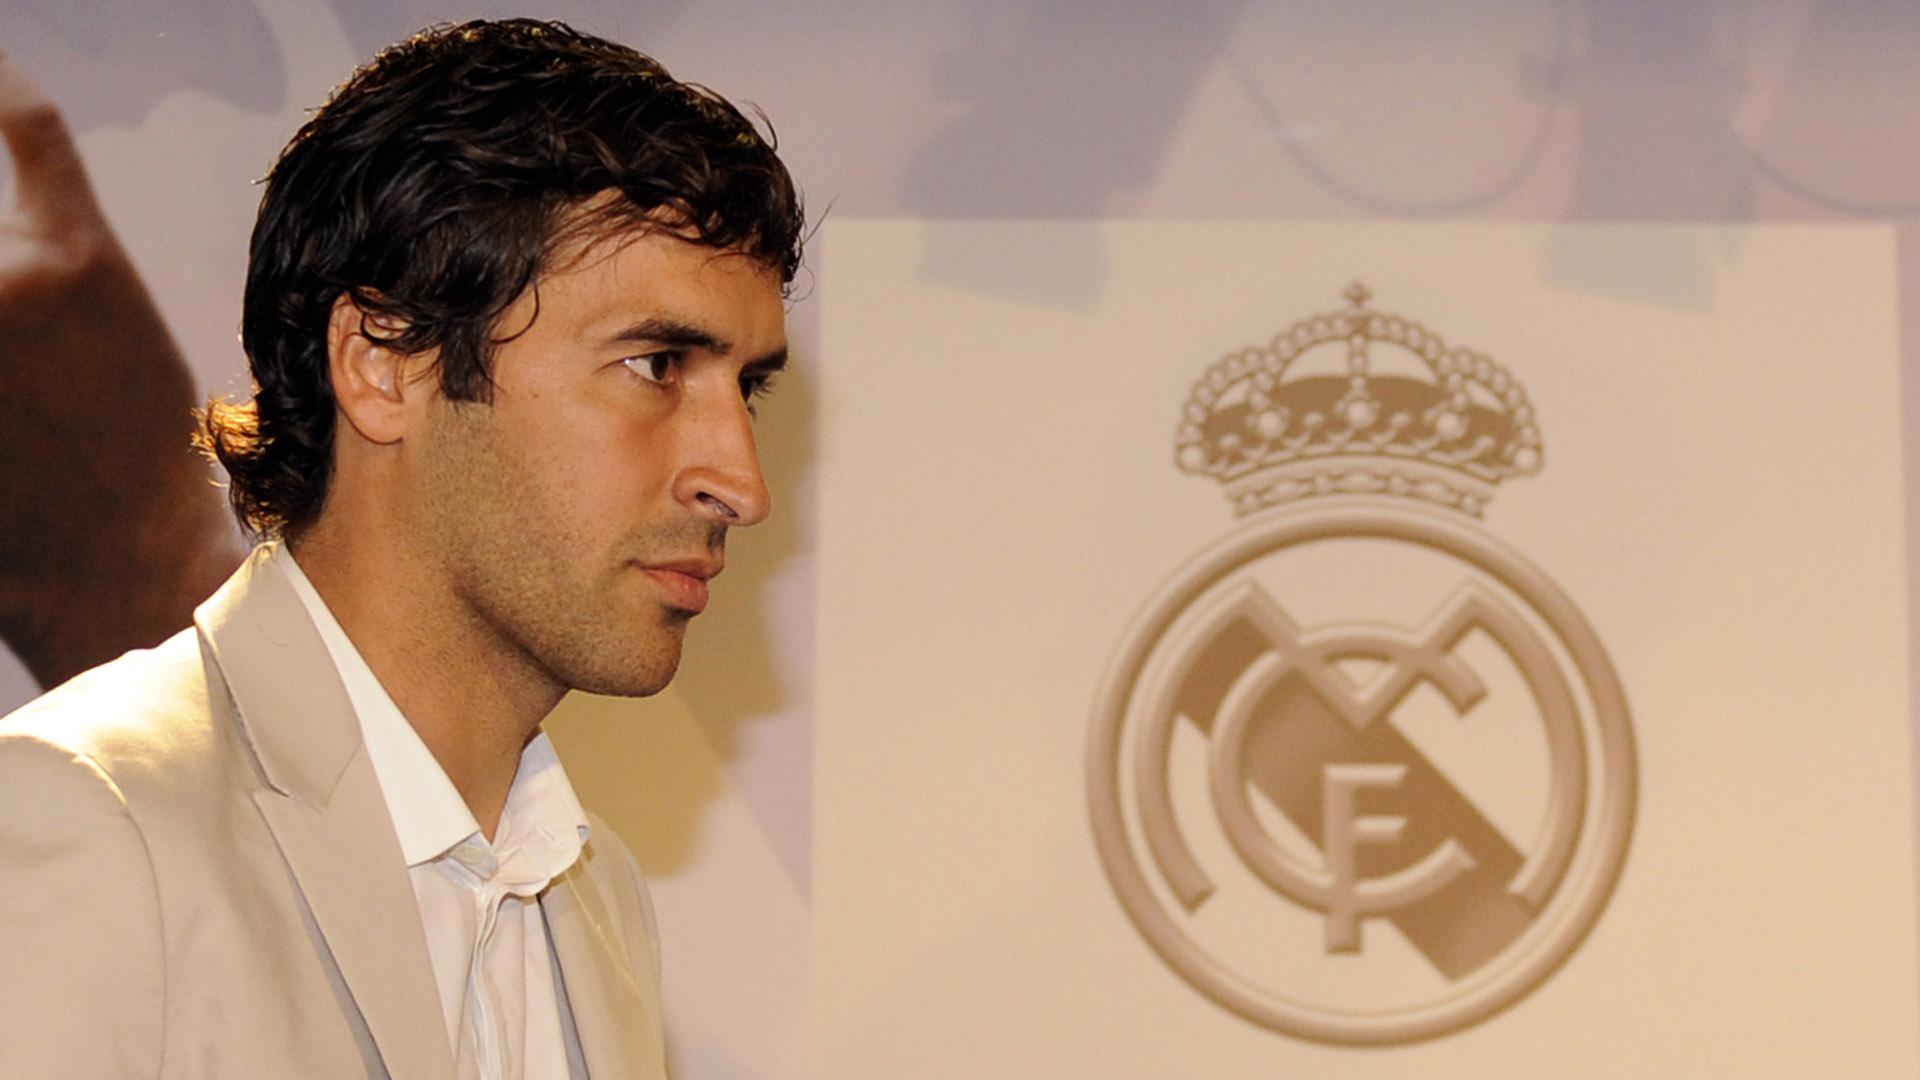 q21_y_olvidate_de_algun_problema_con_los_nuevos_vecinos_q21_raul_gonzalez_fue_anunciado_como_nuevo_entrenador_del_equipo_filial_del_real_madrid.jpg